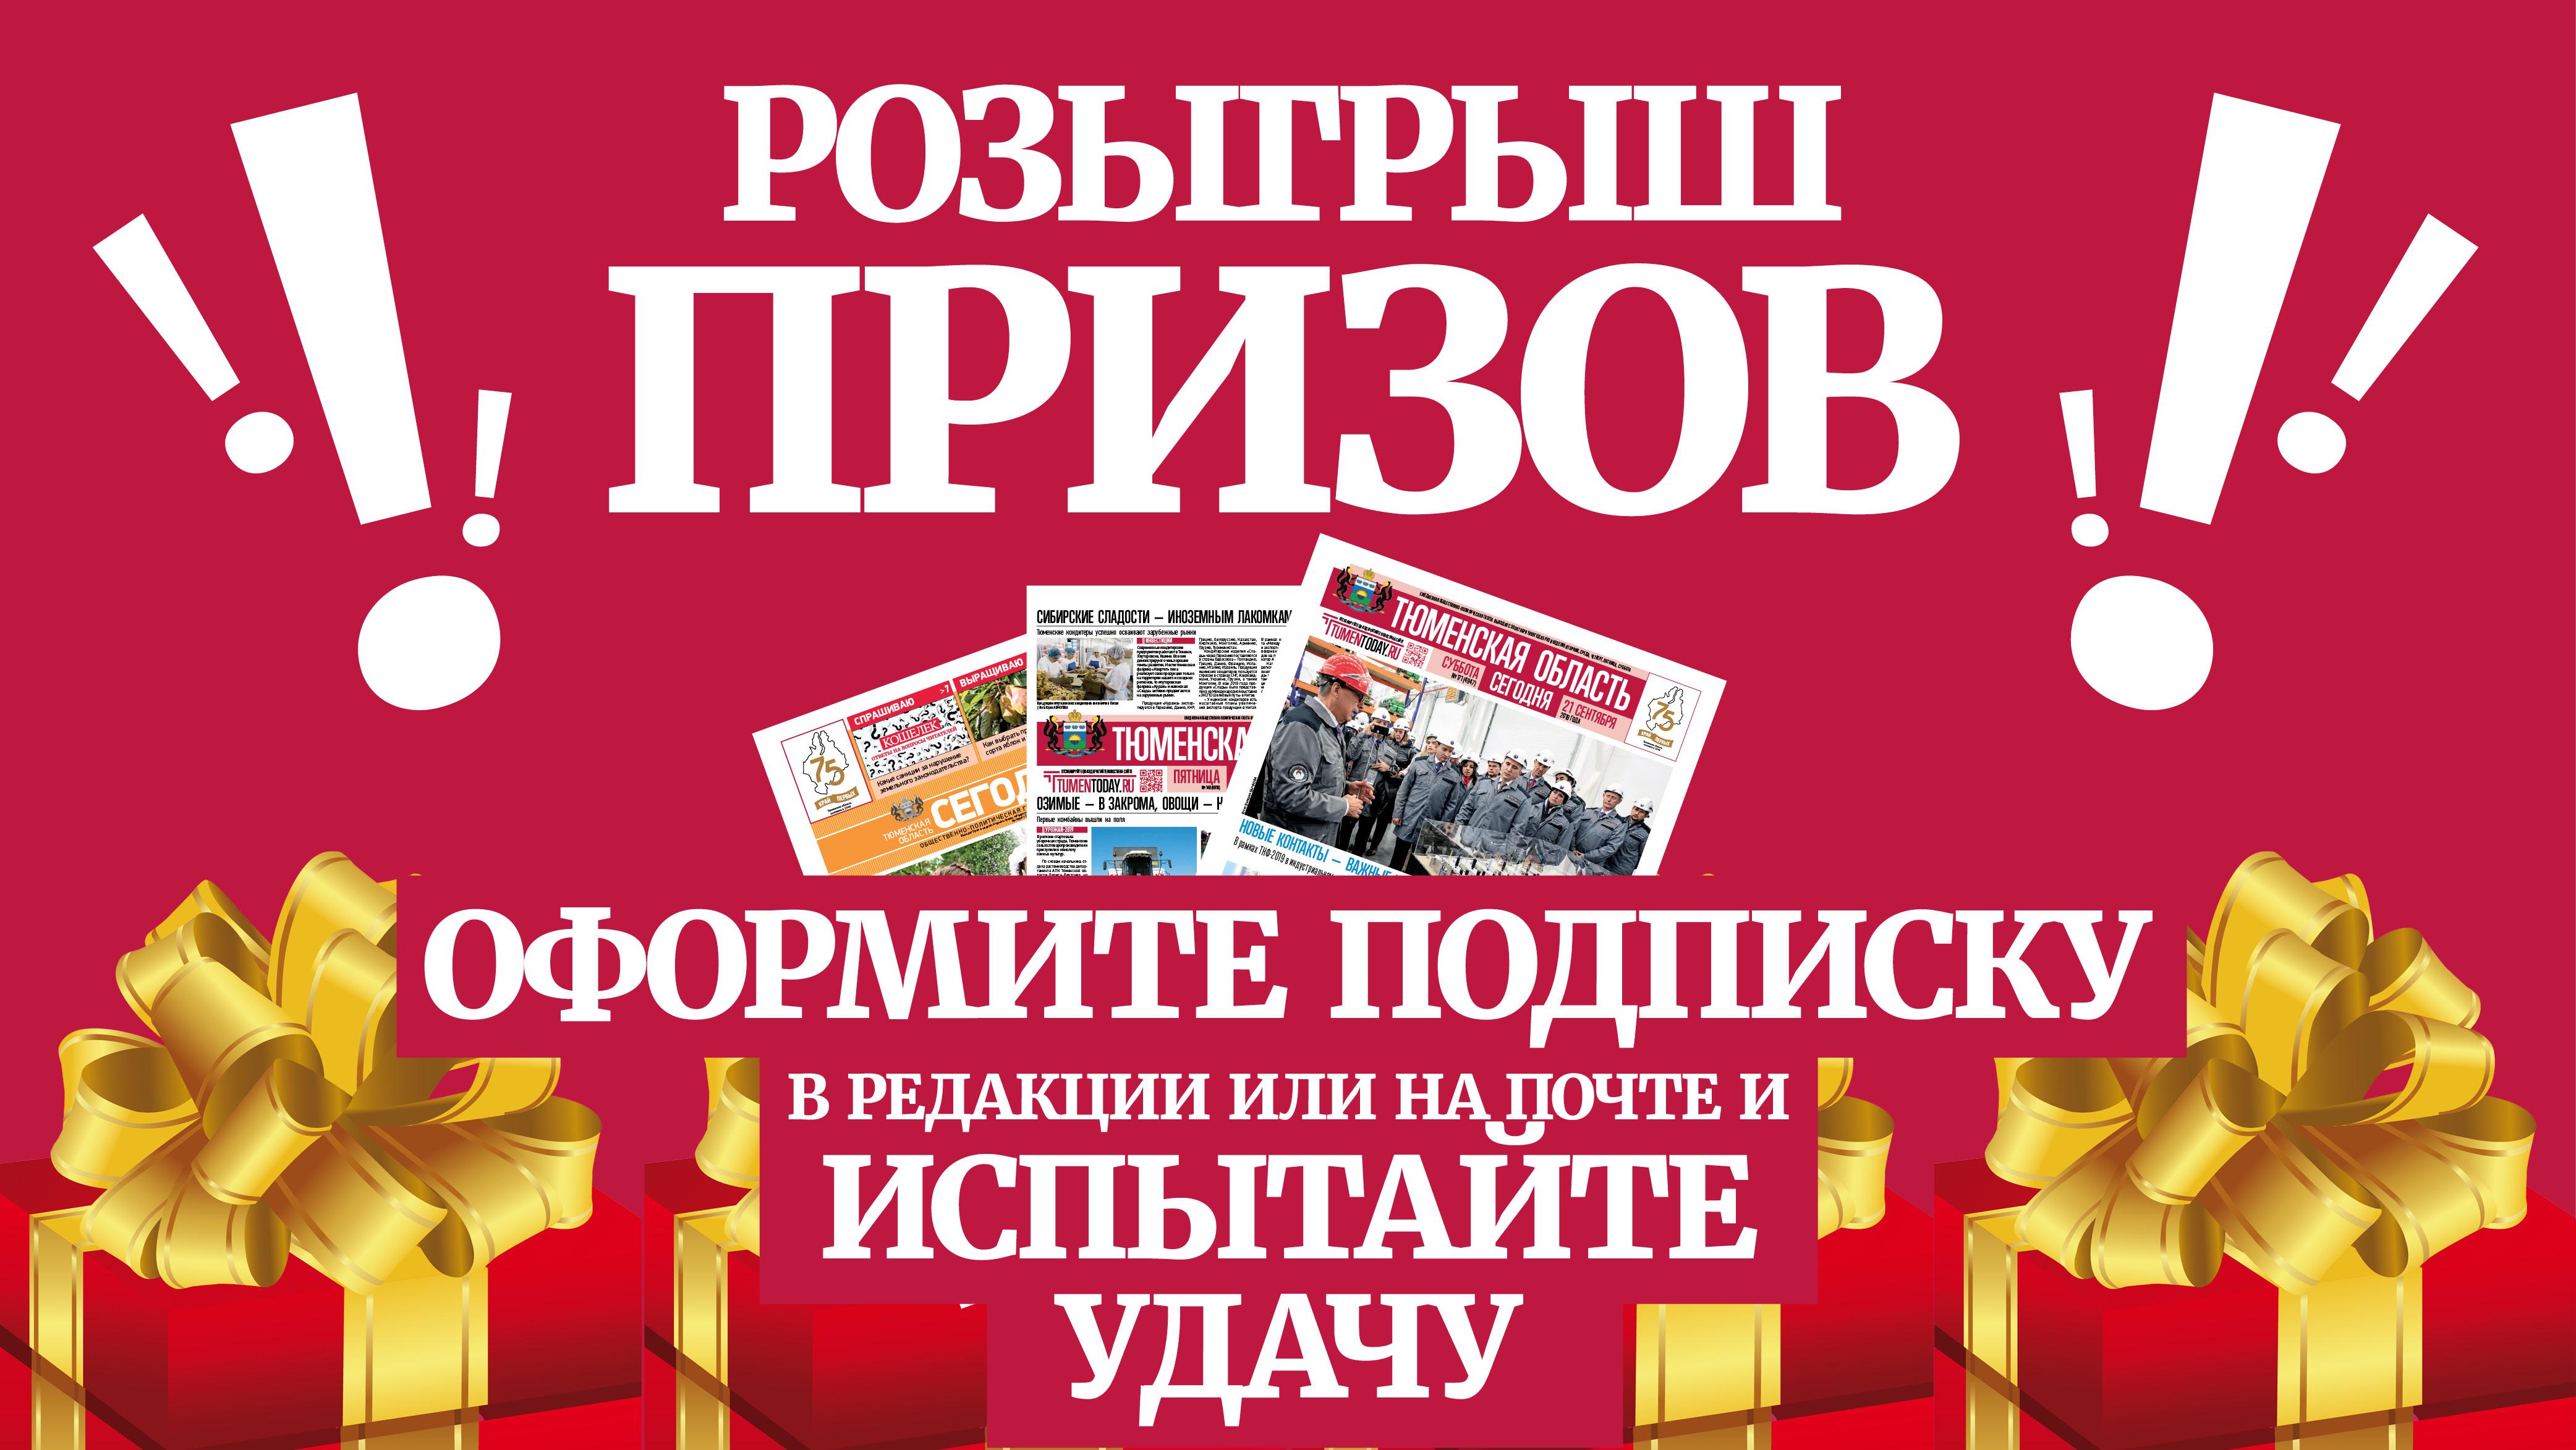 Нижнетавдинцы устроили состязание по мини-футболу в валенках